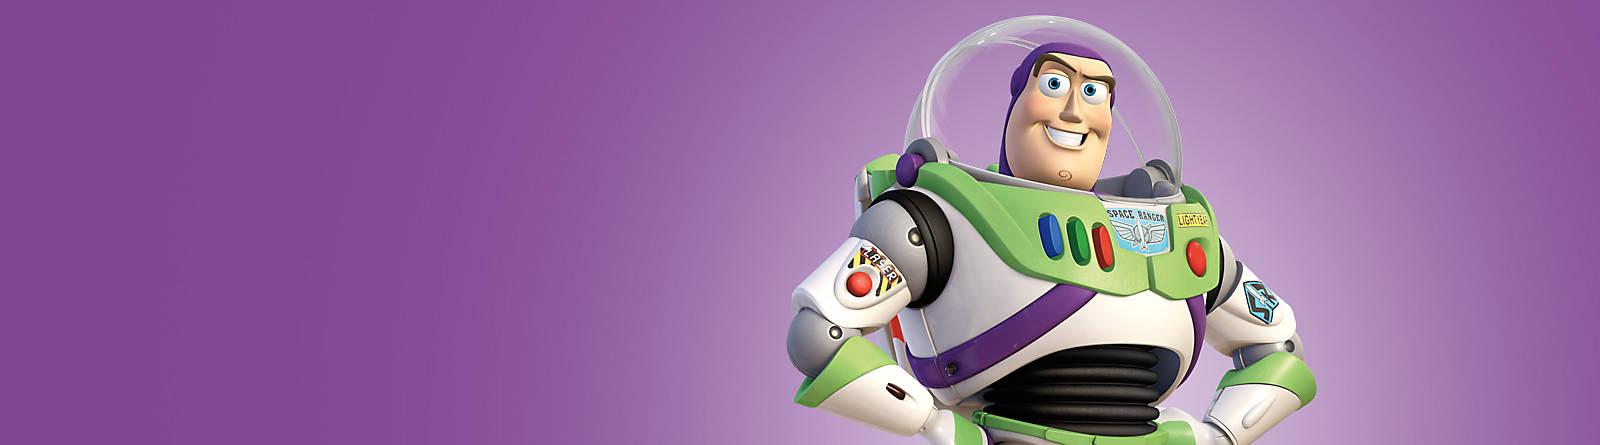 Buzz Lightyear Fliege mit Buzz und der sprechenden Actionfigur, der Spielzeugkanone, der Tasse, dem Stofftier oder einem Spielset bis zur Unendlichkeit, und noch viel weiter.